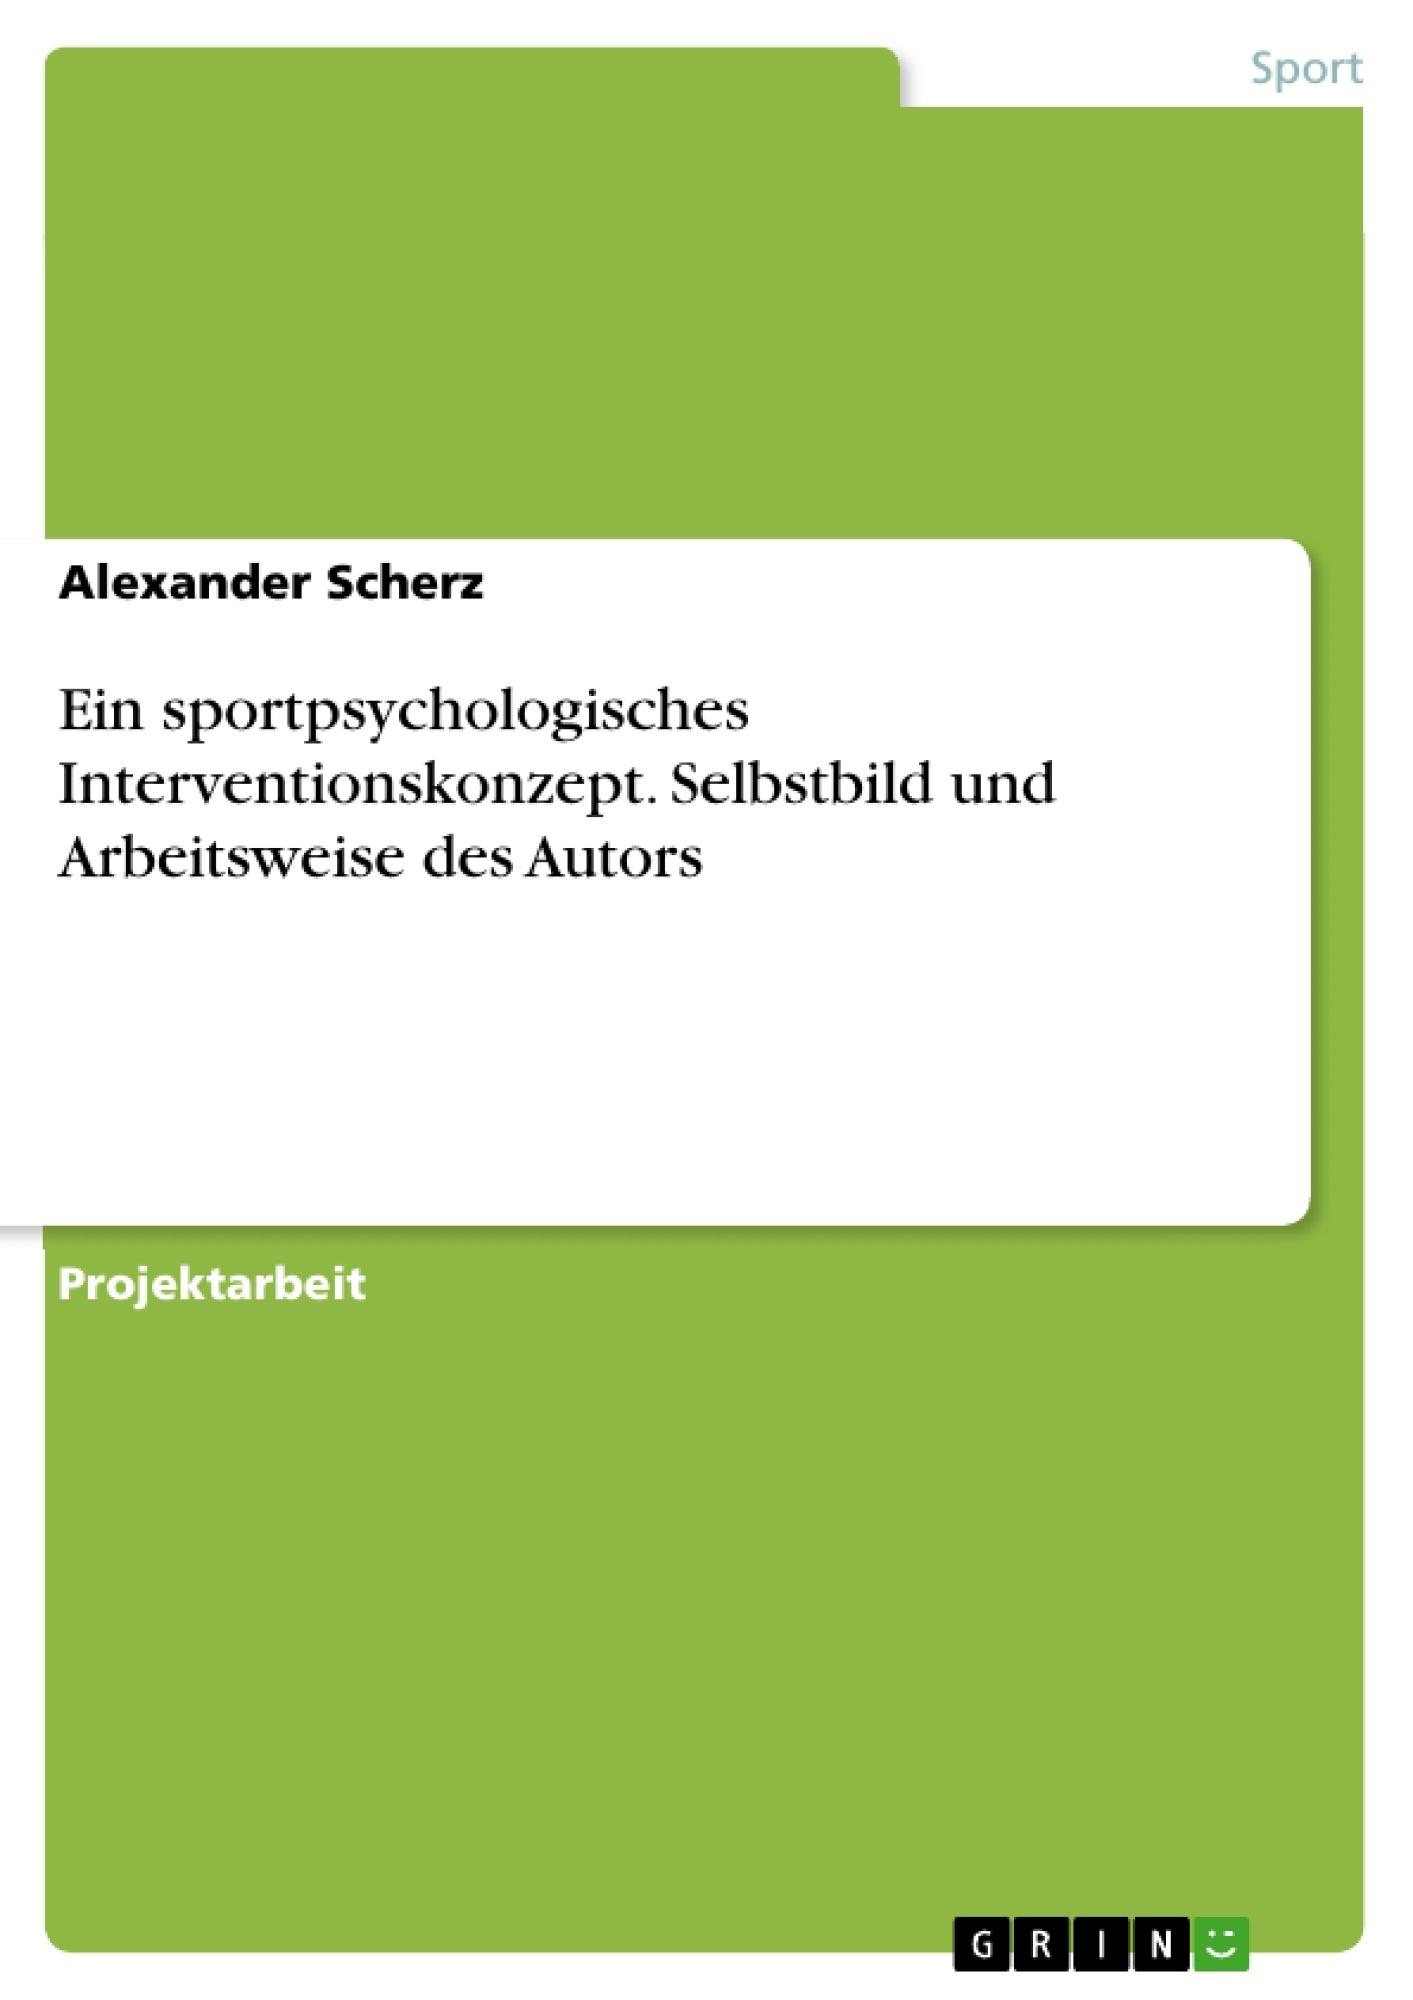 Titel: Ein sportpsychologisches Interventionskonzept. Selbstbild und Arbeitsweise des Autors